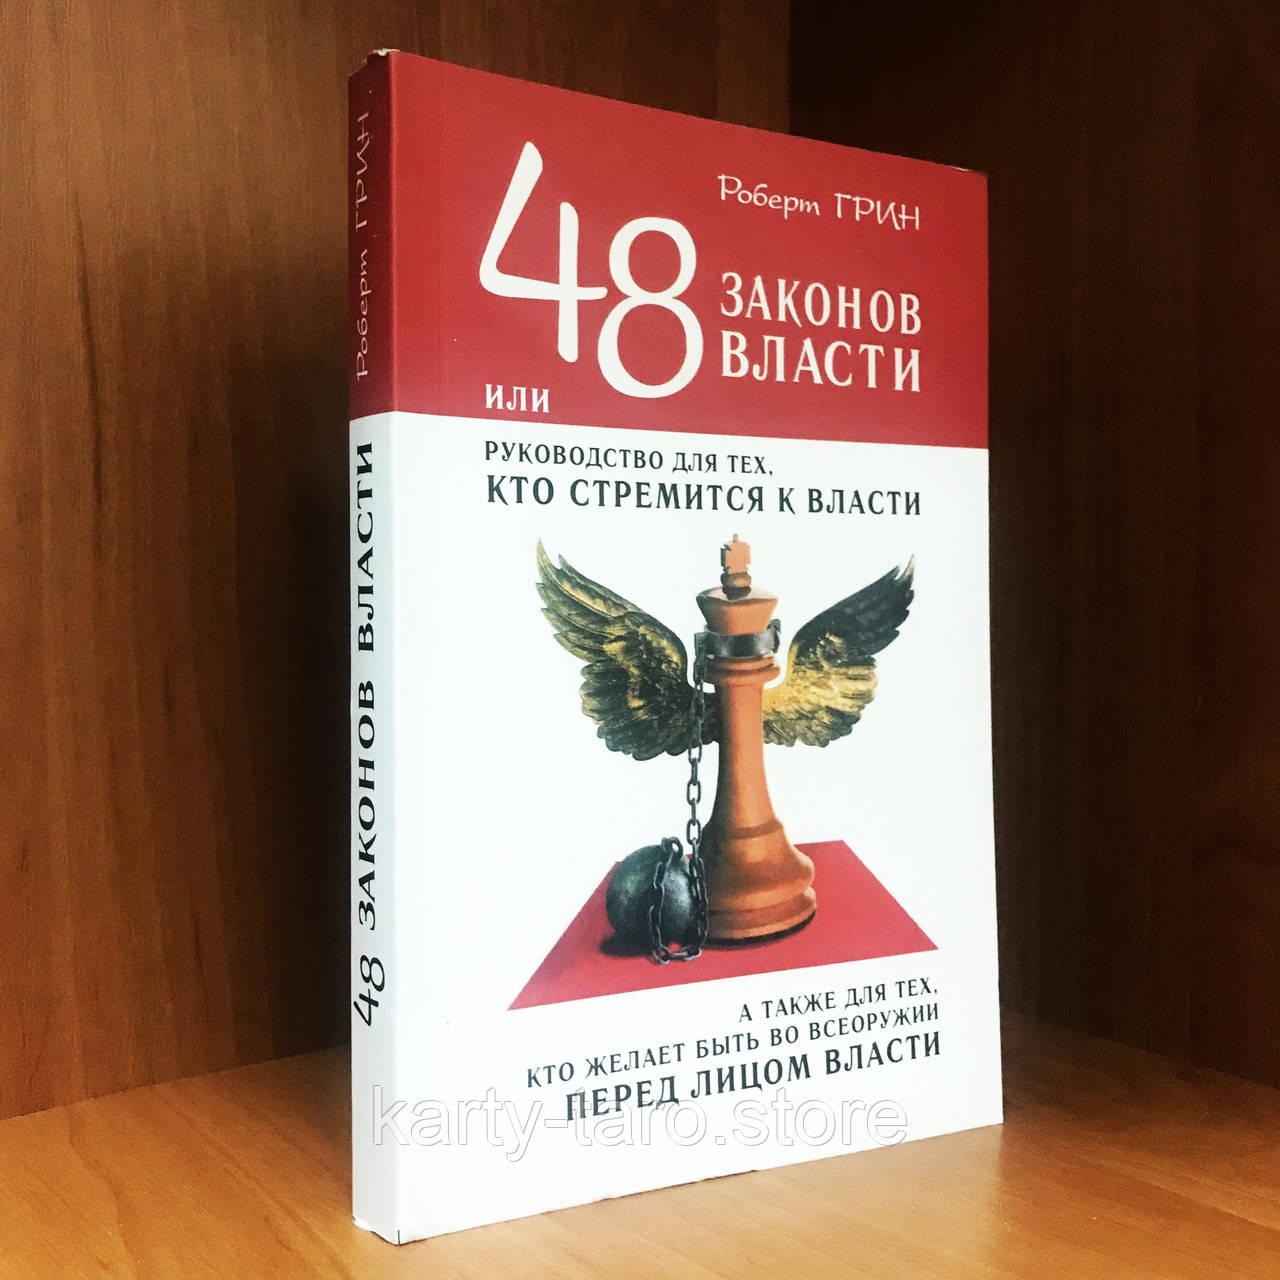 Книга 48 законов власти - Роберт Грин (Новая краткая редакция)